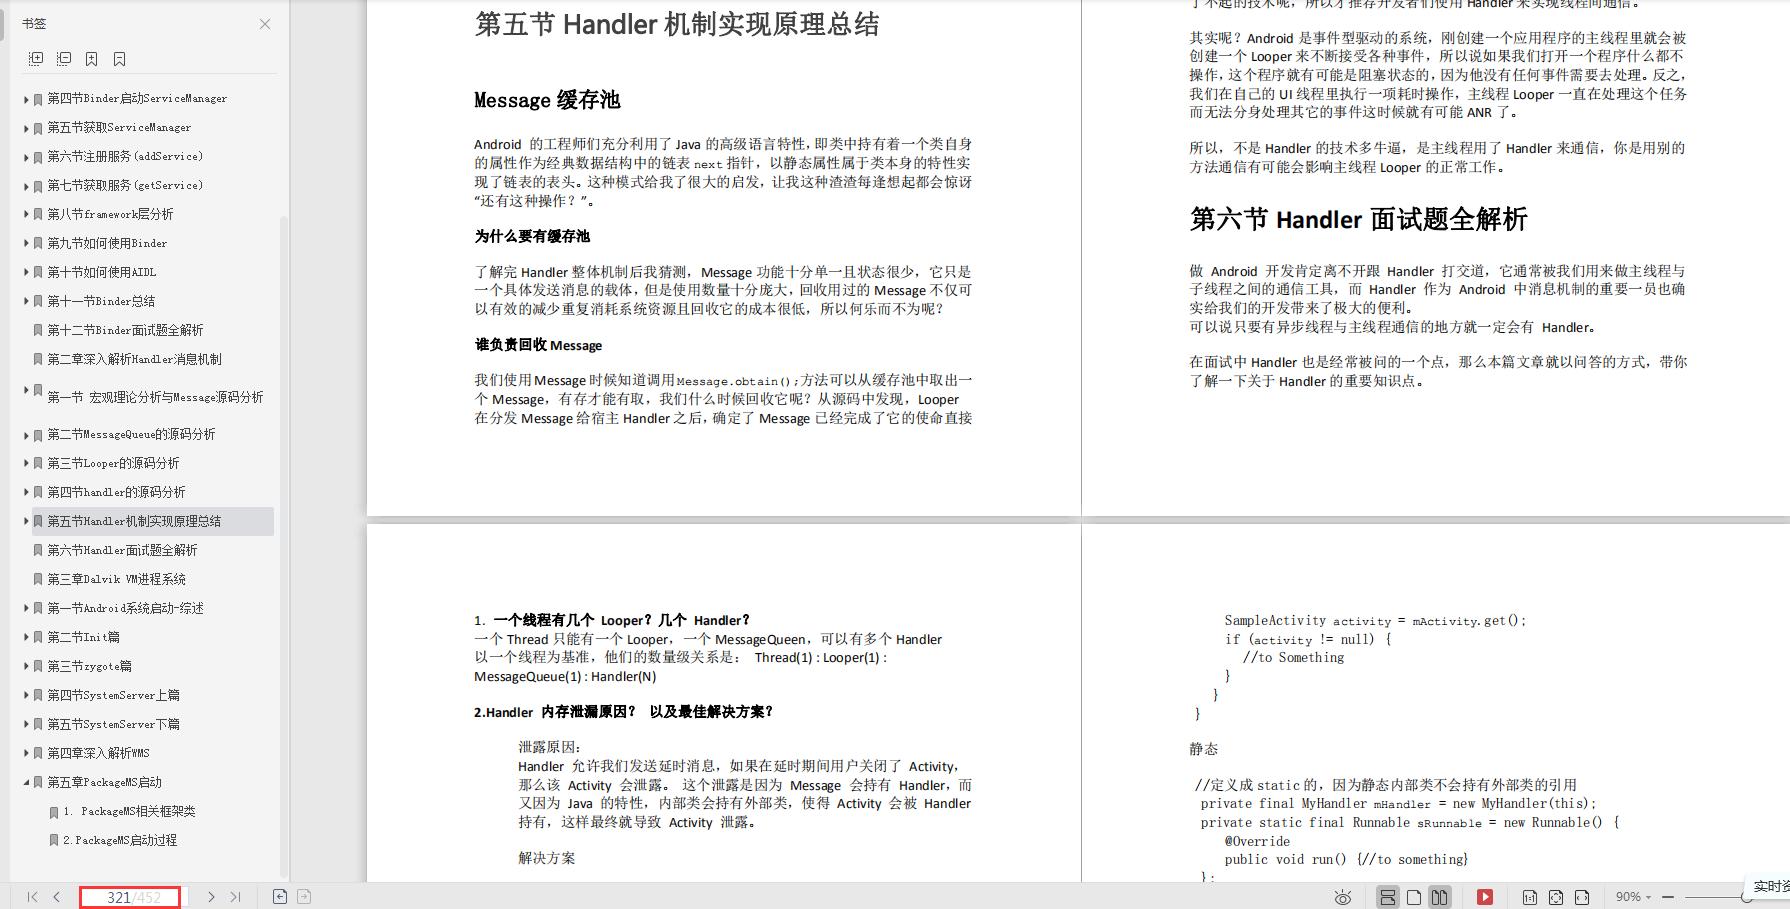 Handler开发学习笔记